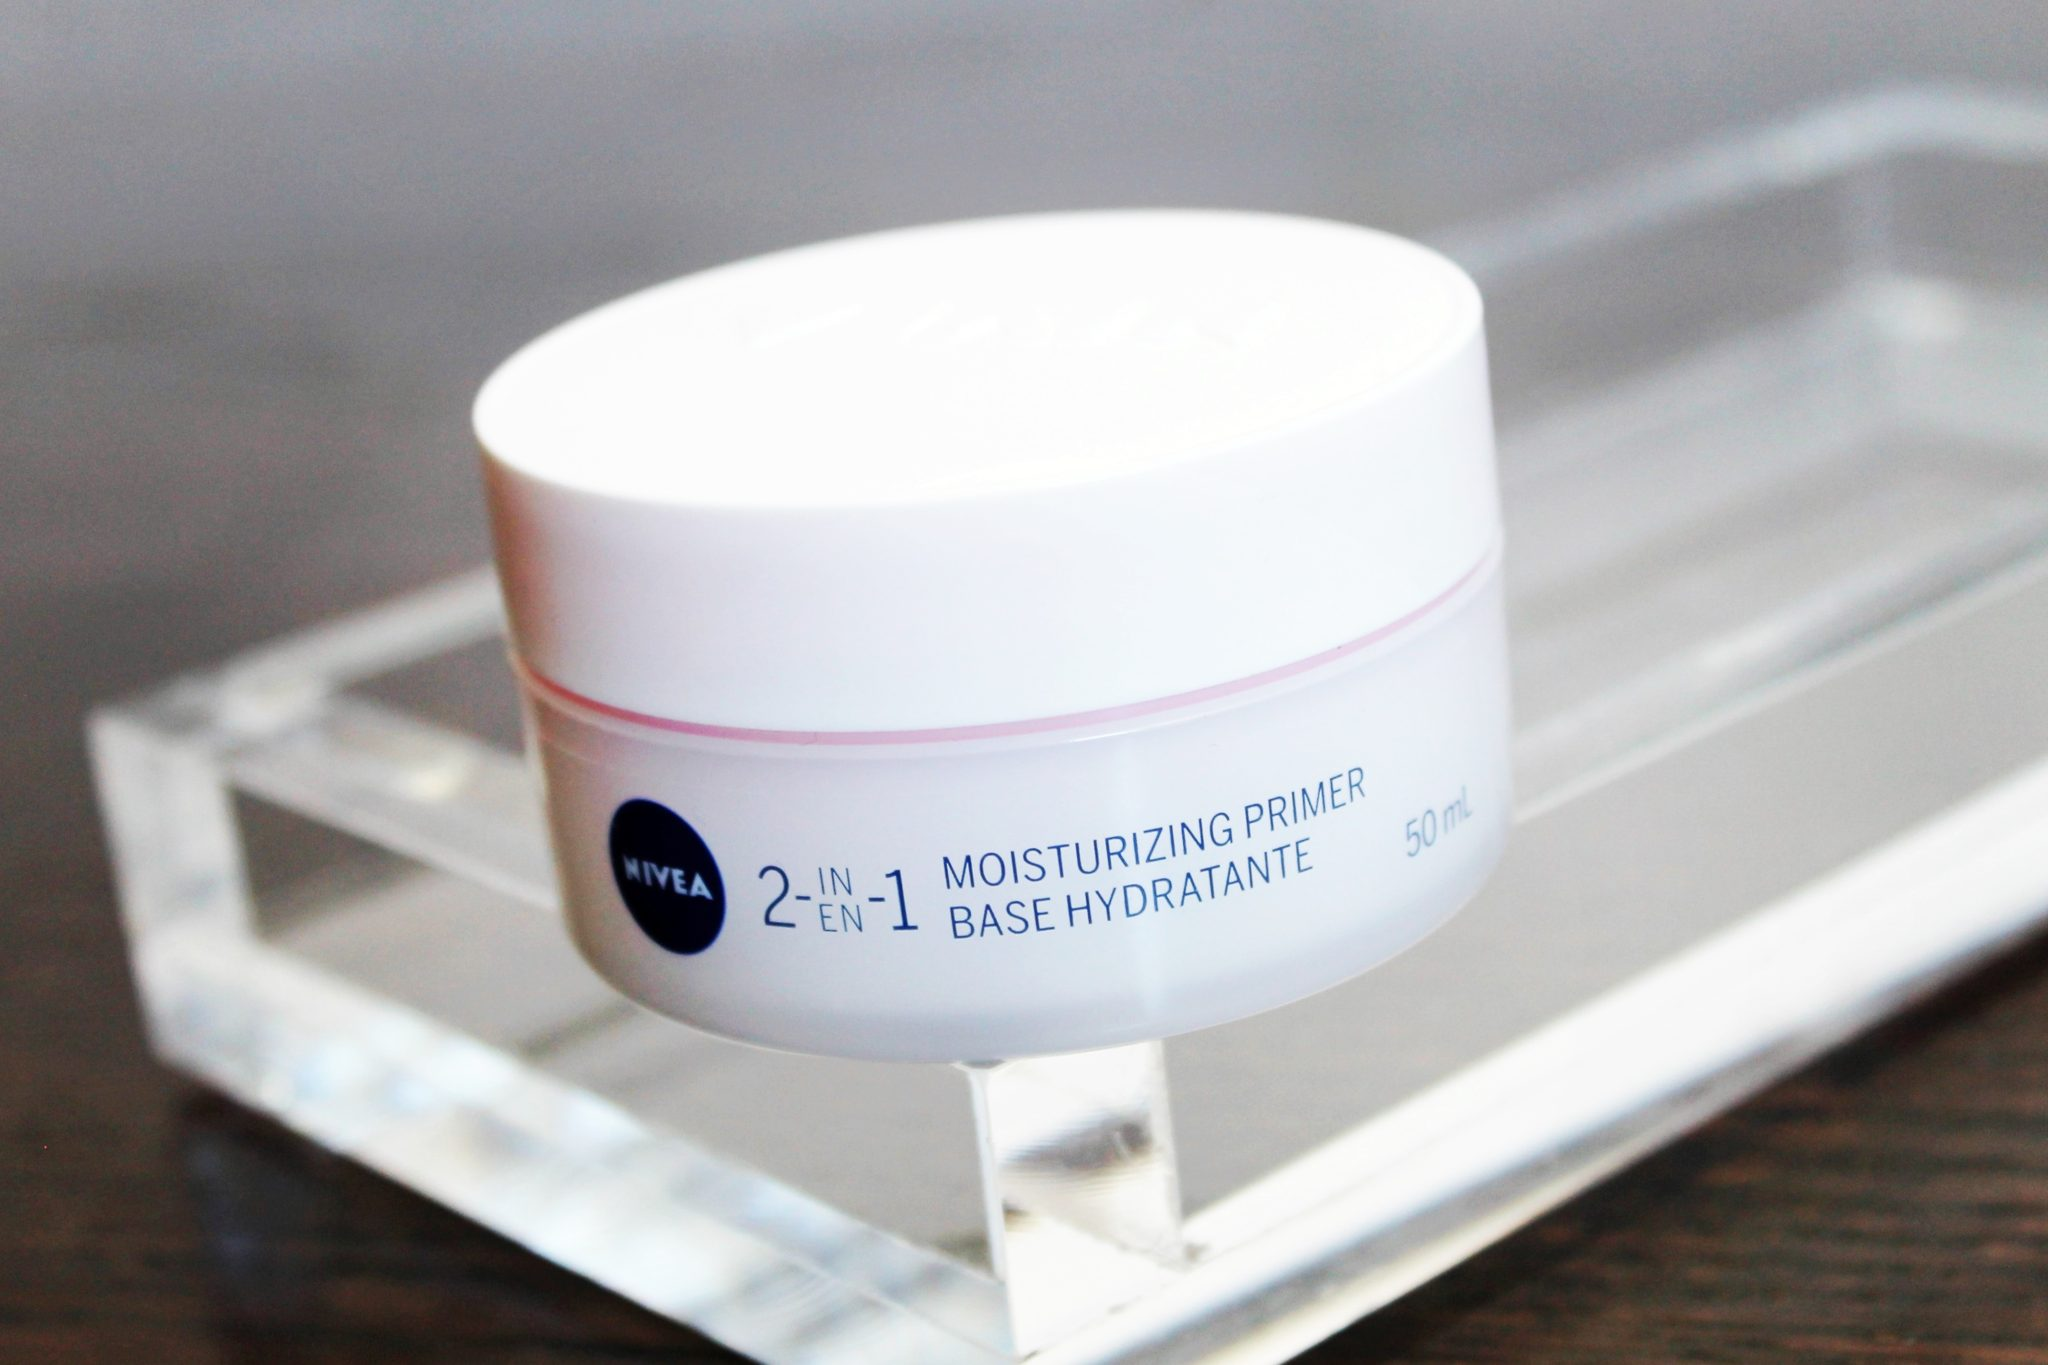 nivea-2-in-1-moisturizing-primer-review